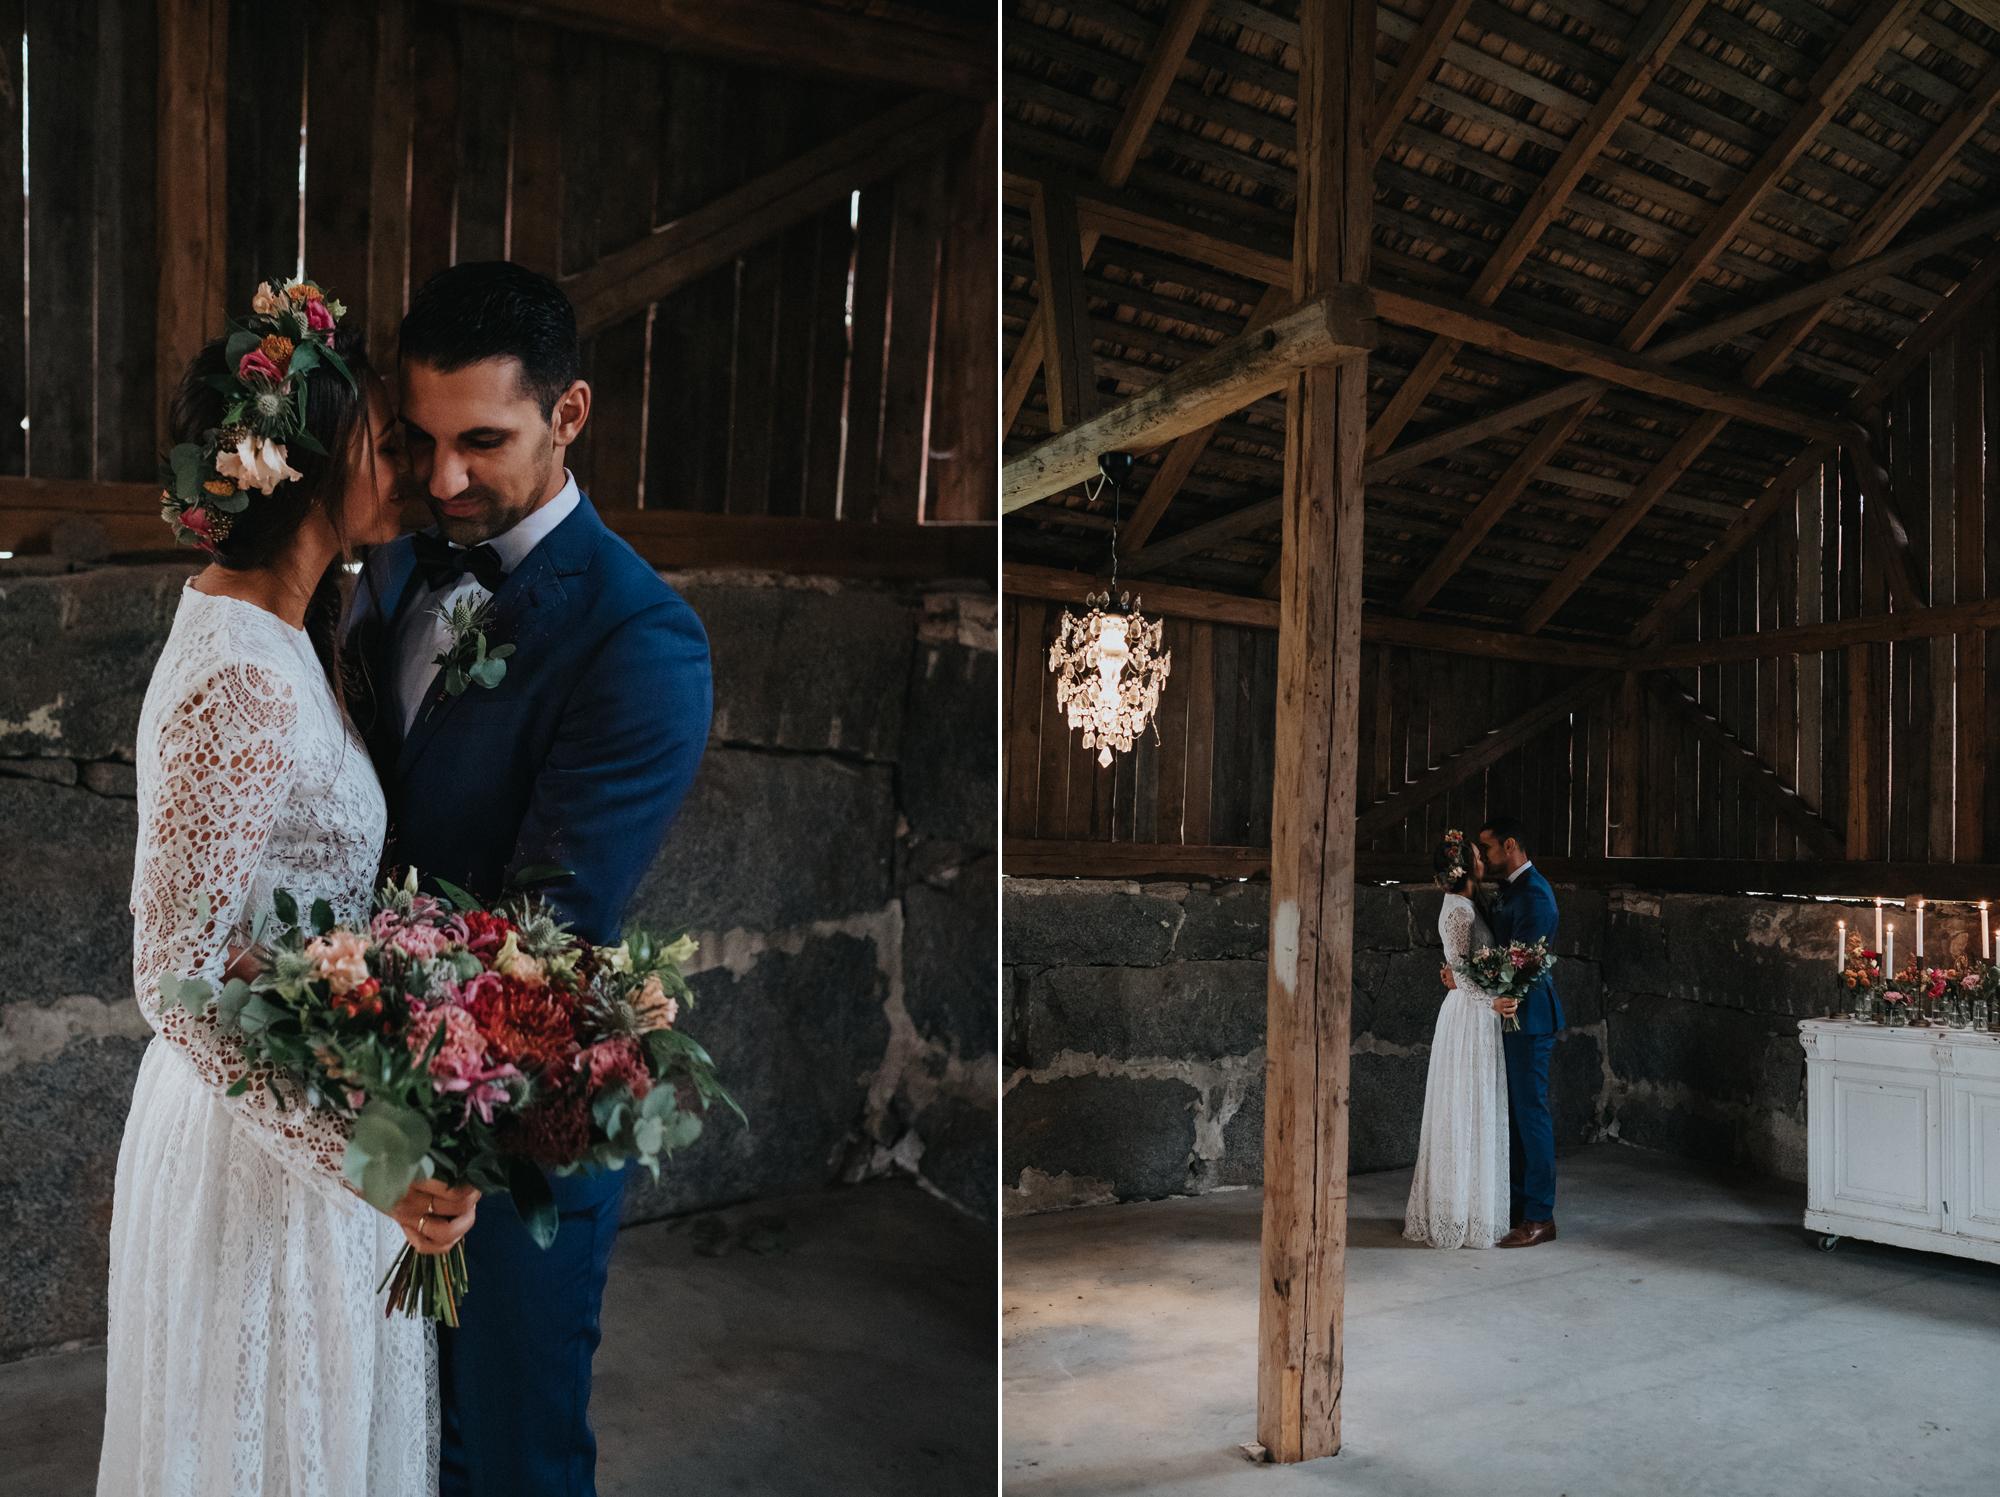 035-bröllopsfotograf-lydinge-neas-fotografi.jpg